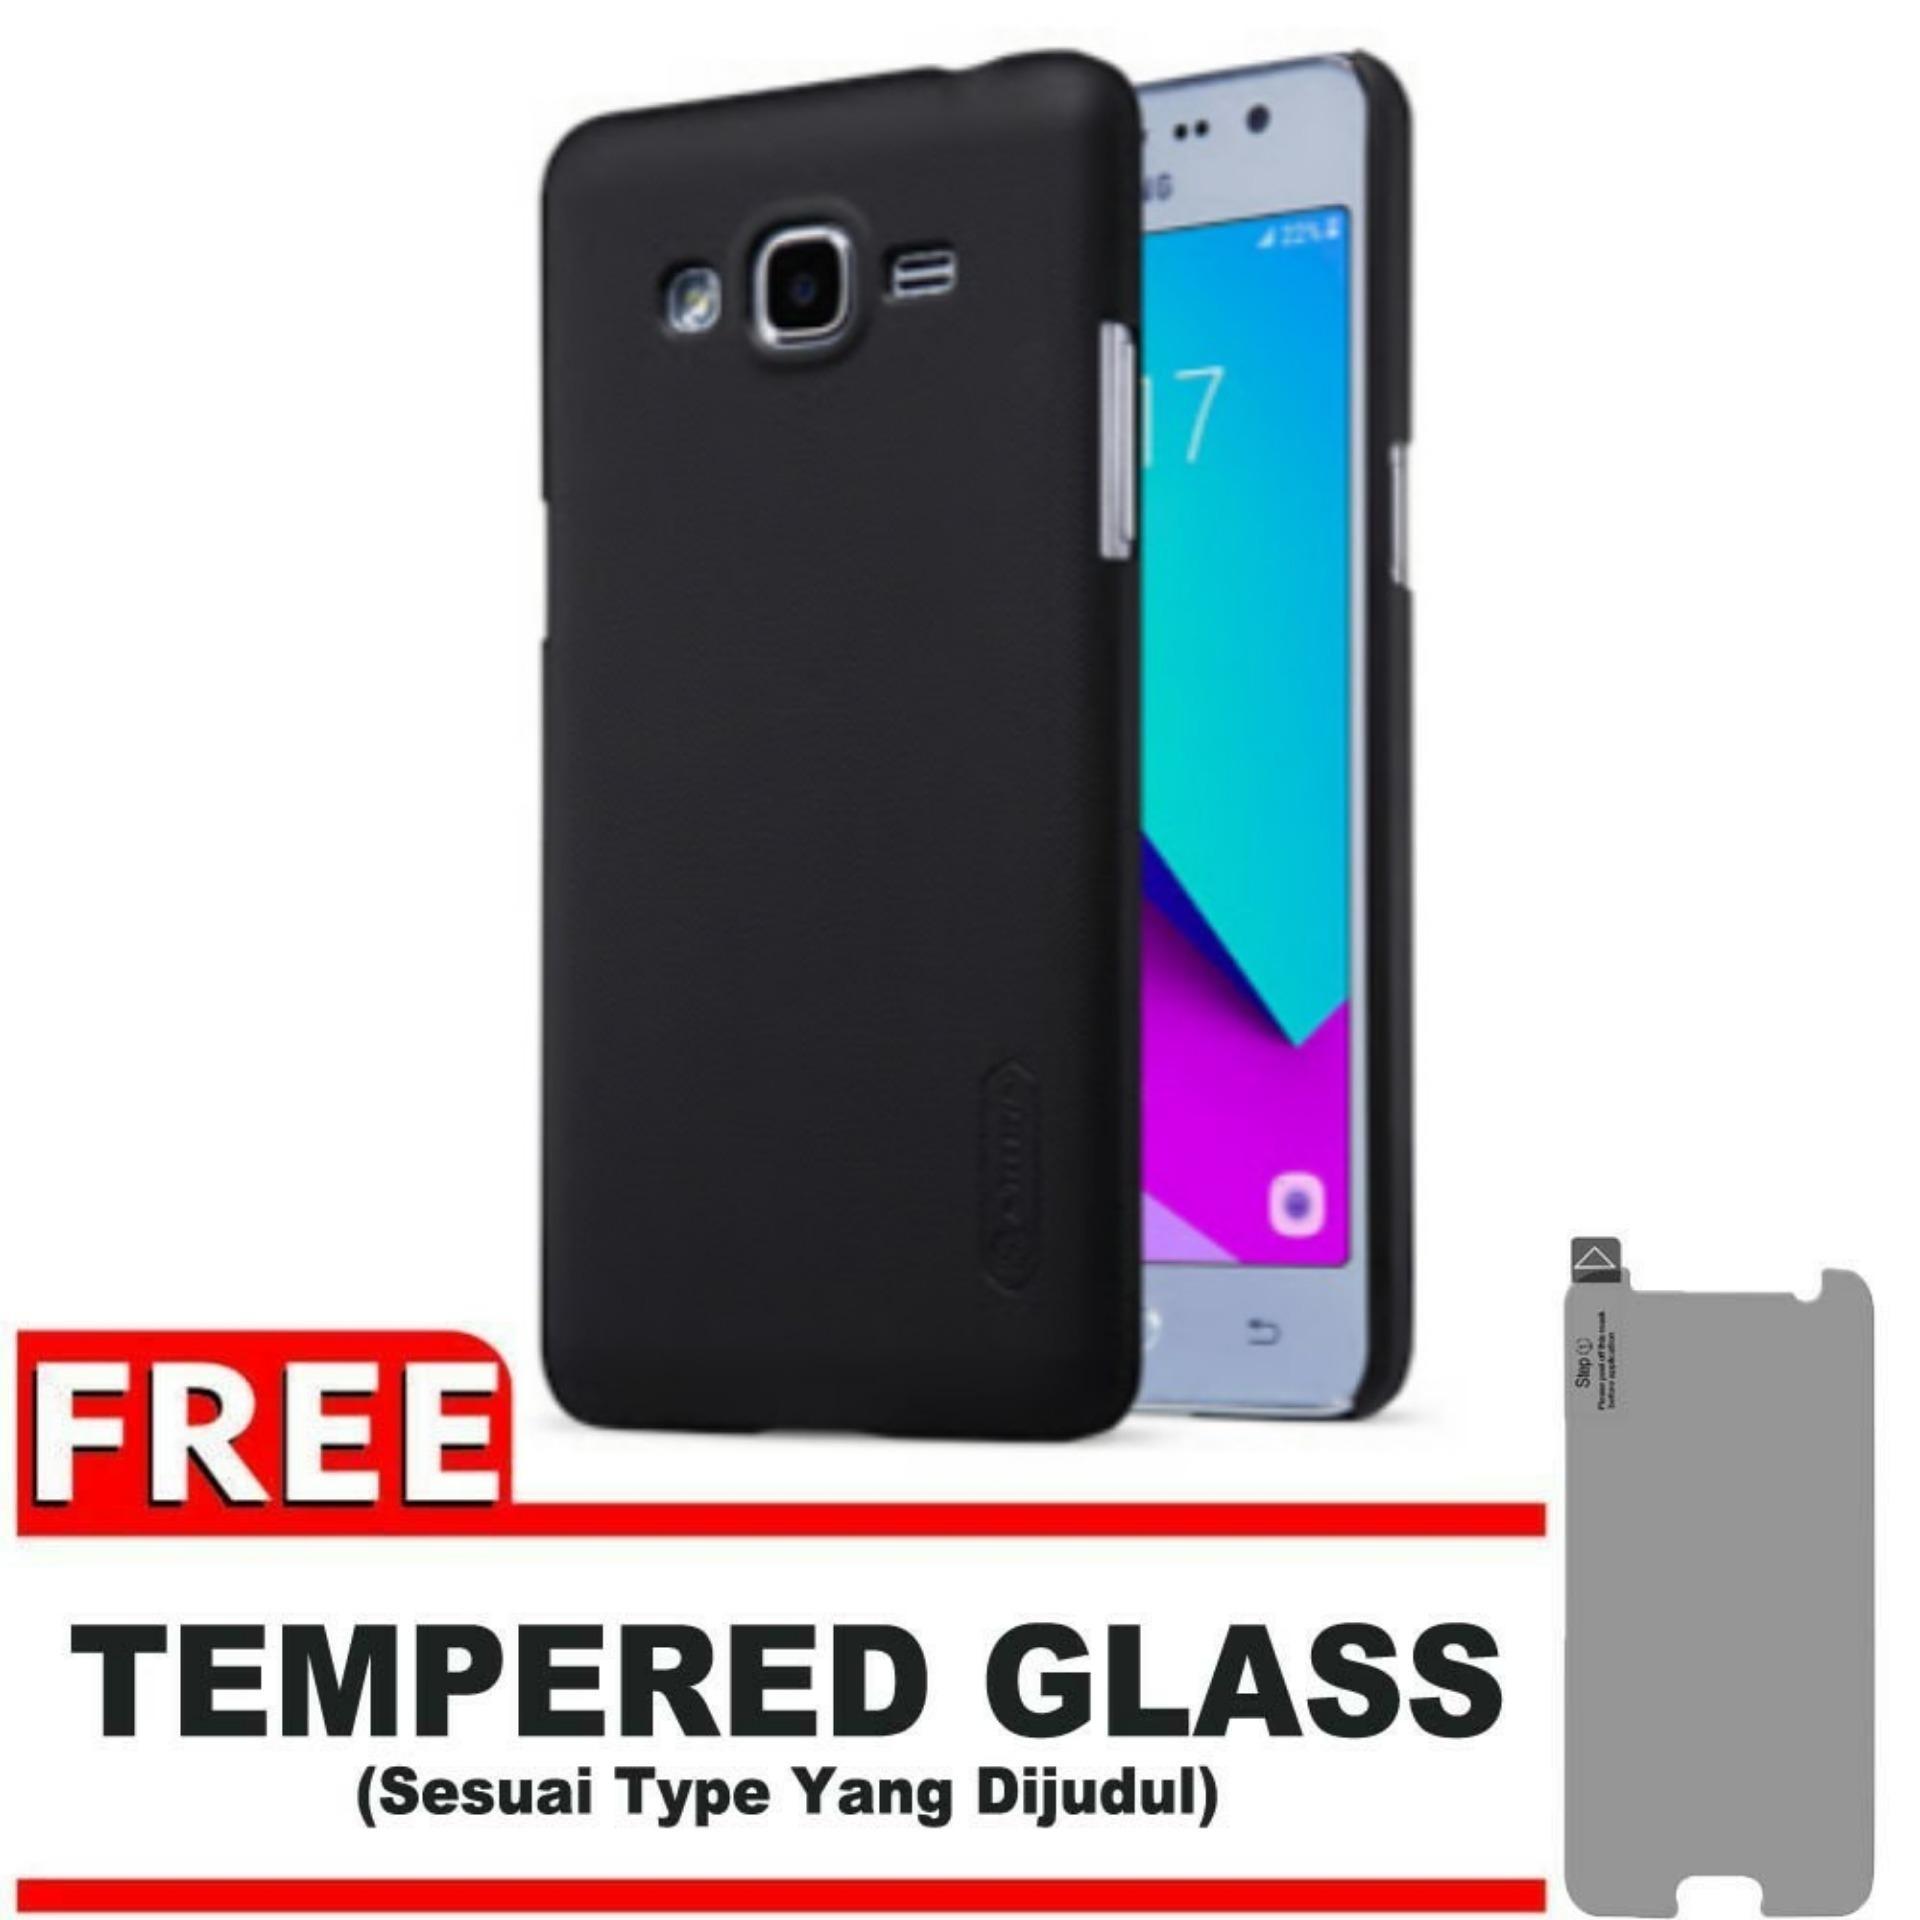 ... Case Slim Black doff Matte Anti minyak Samsung Galaxy Grand 2 SM G7102